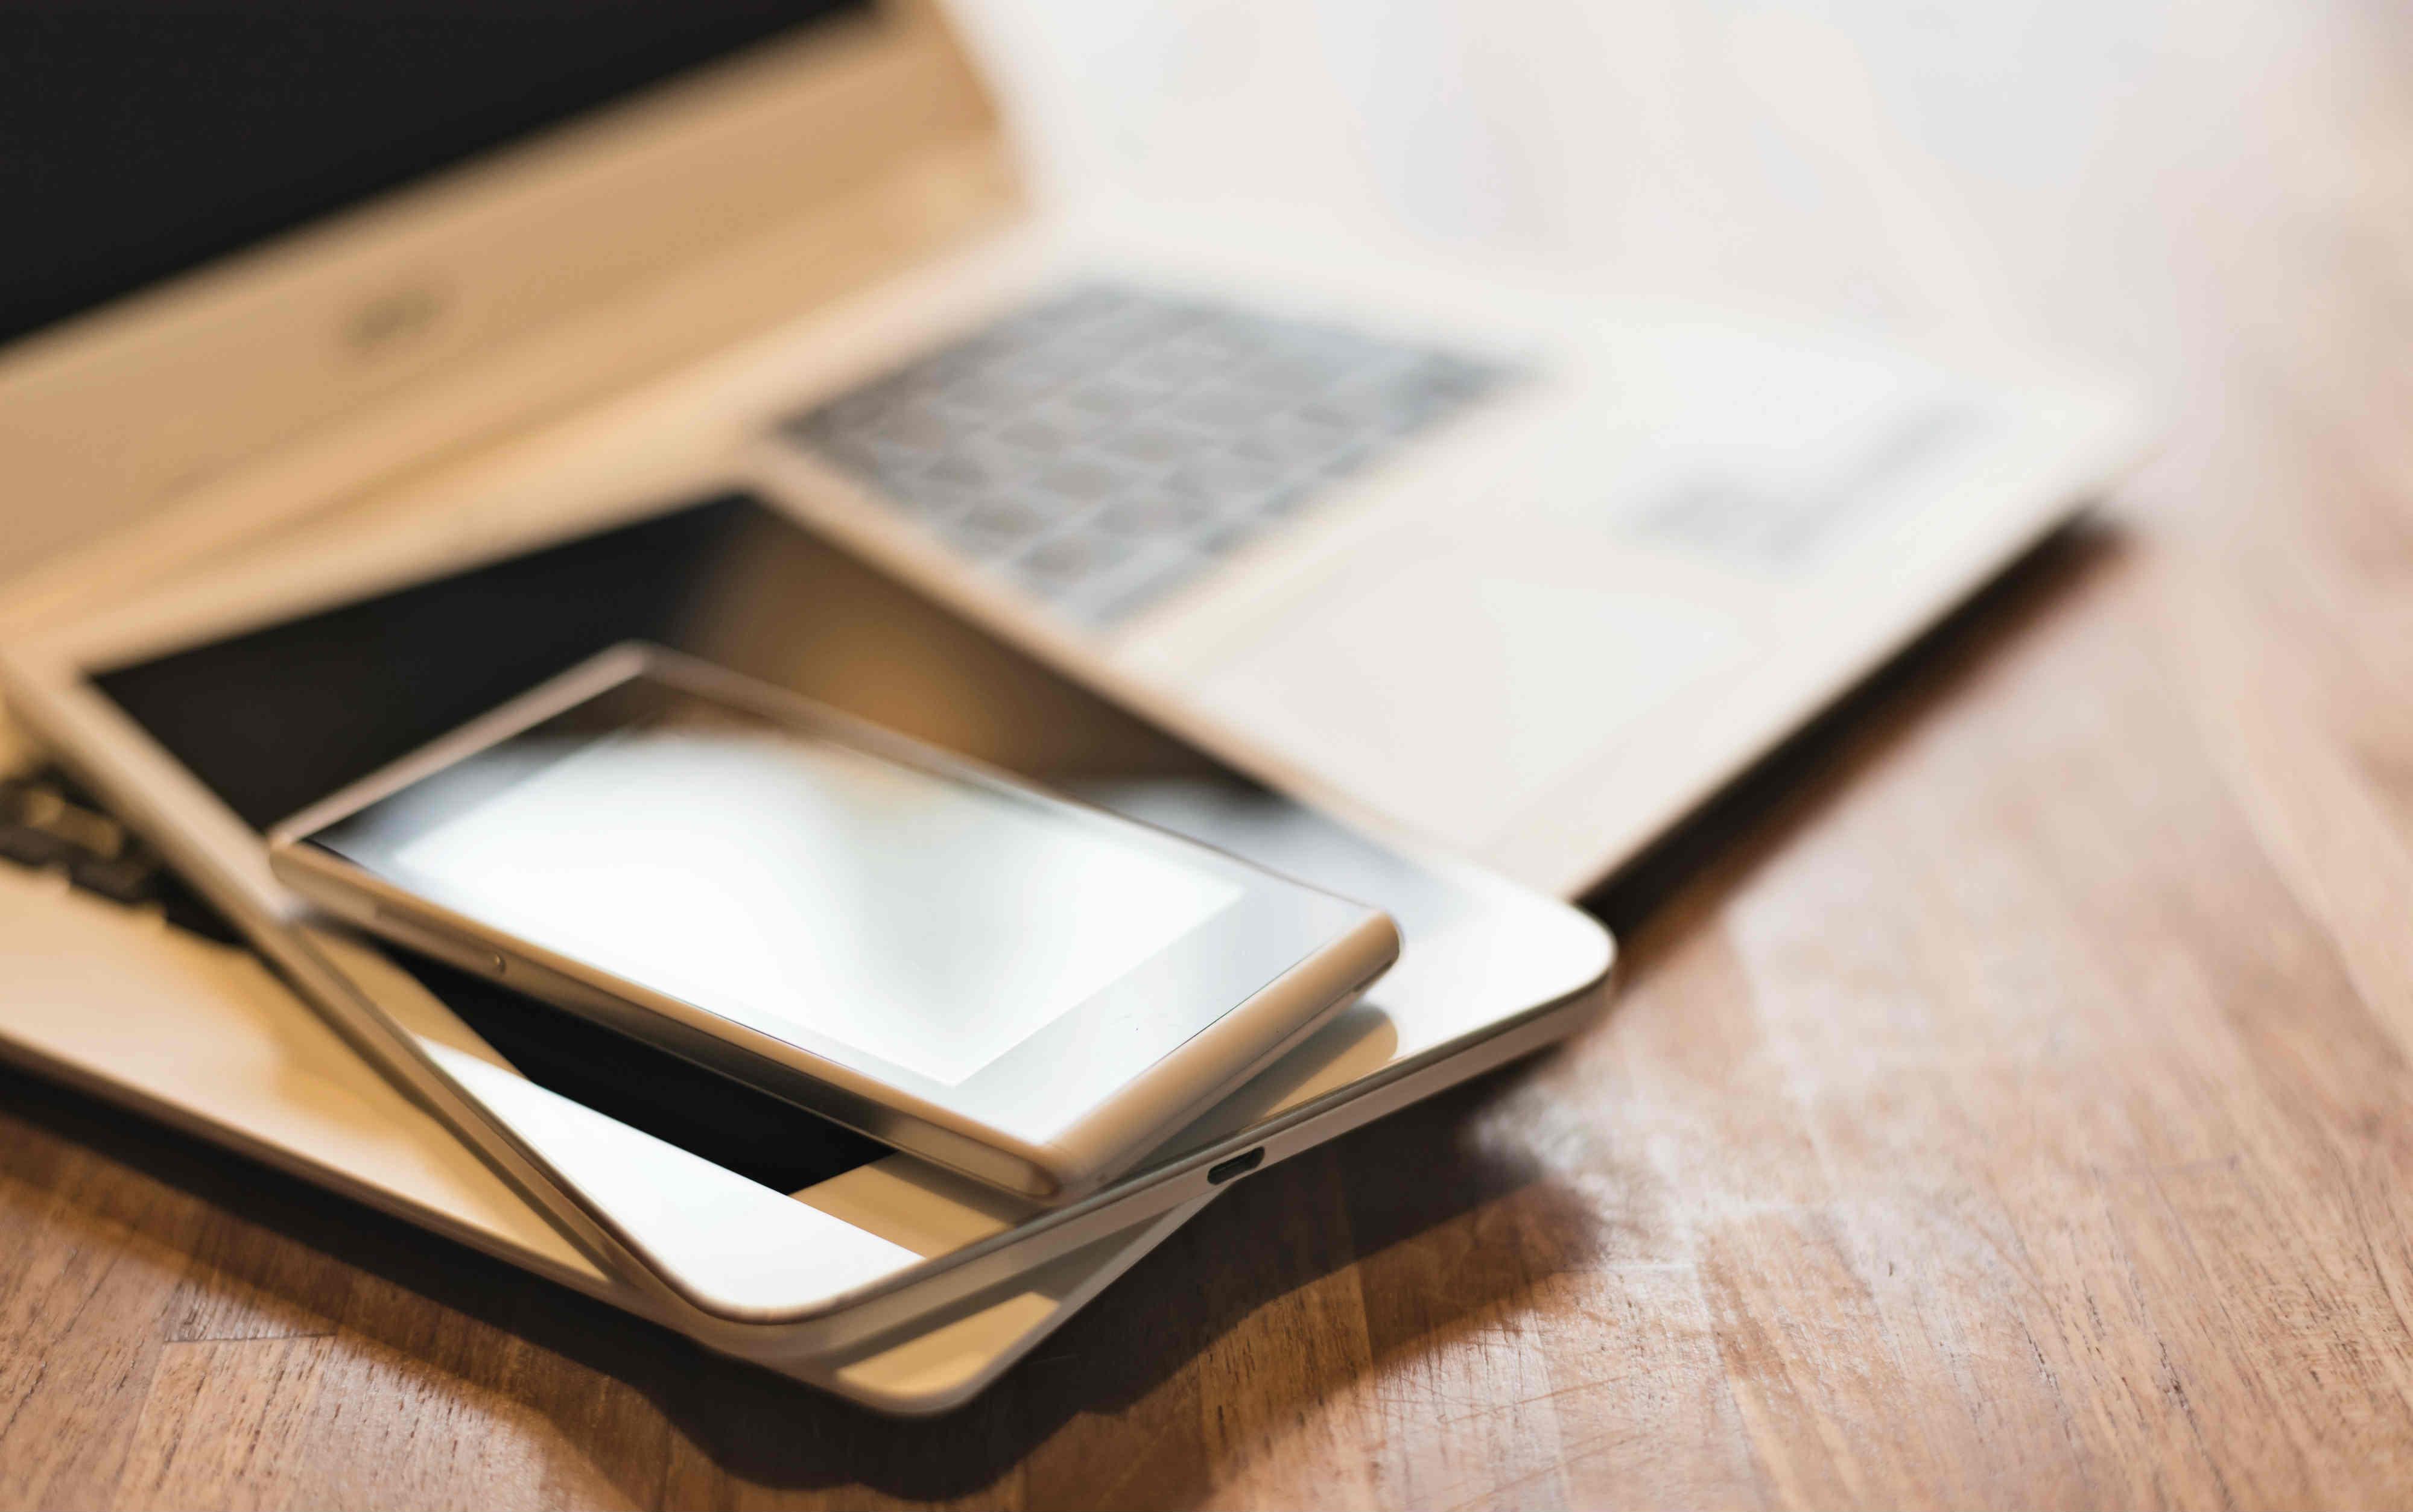 ネットで手続きが便利!MNPオンライン手続き方法を簡単解説